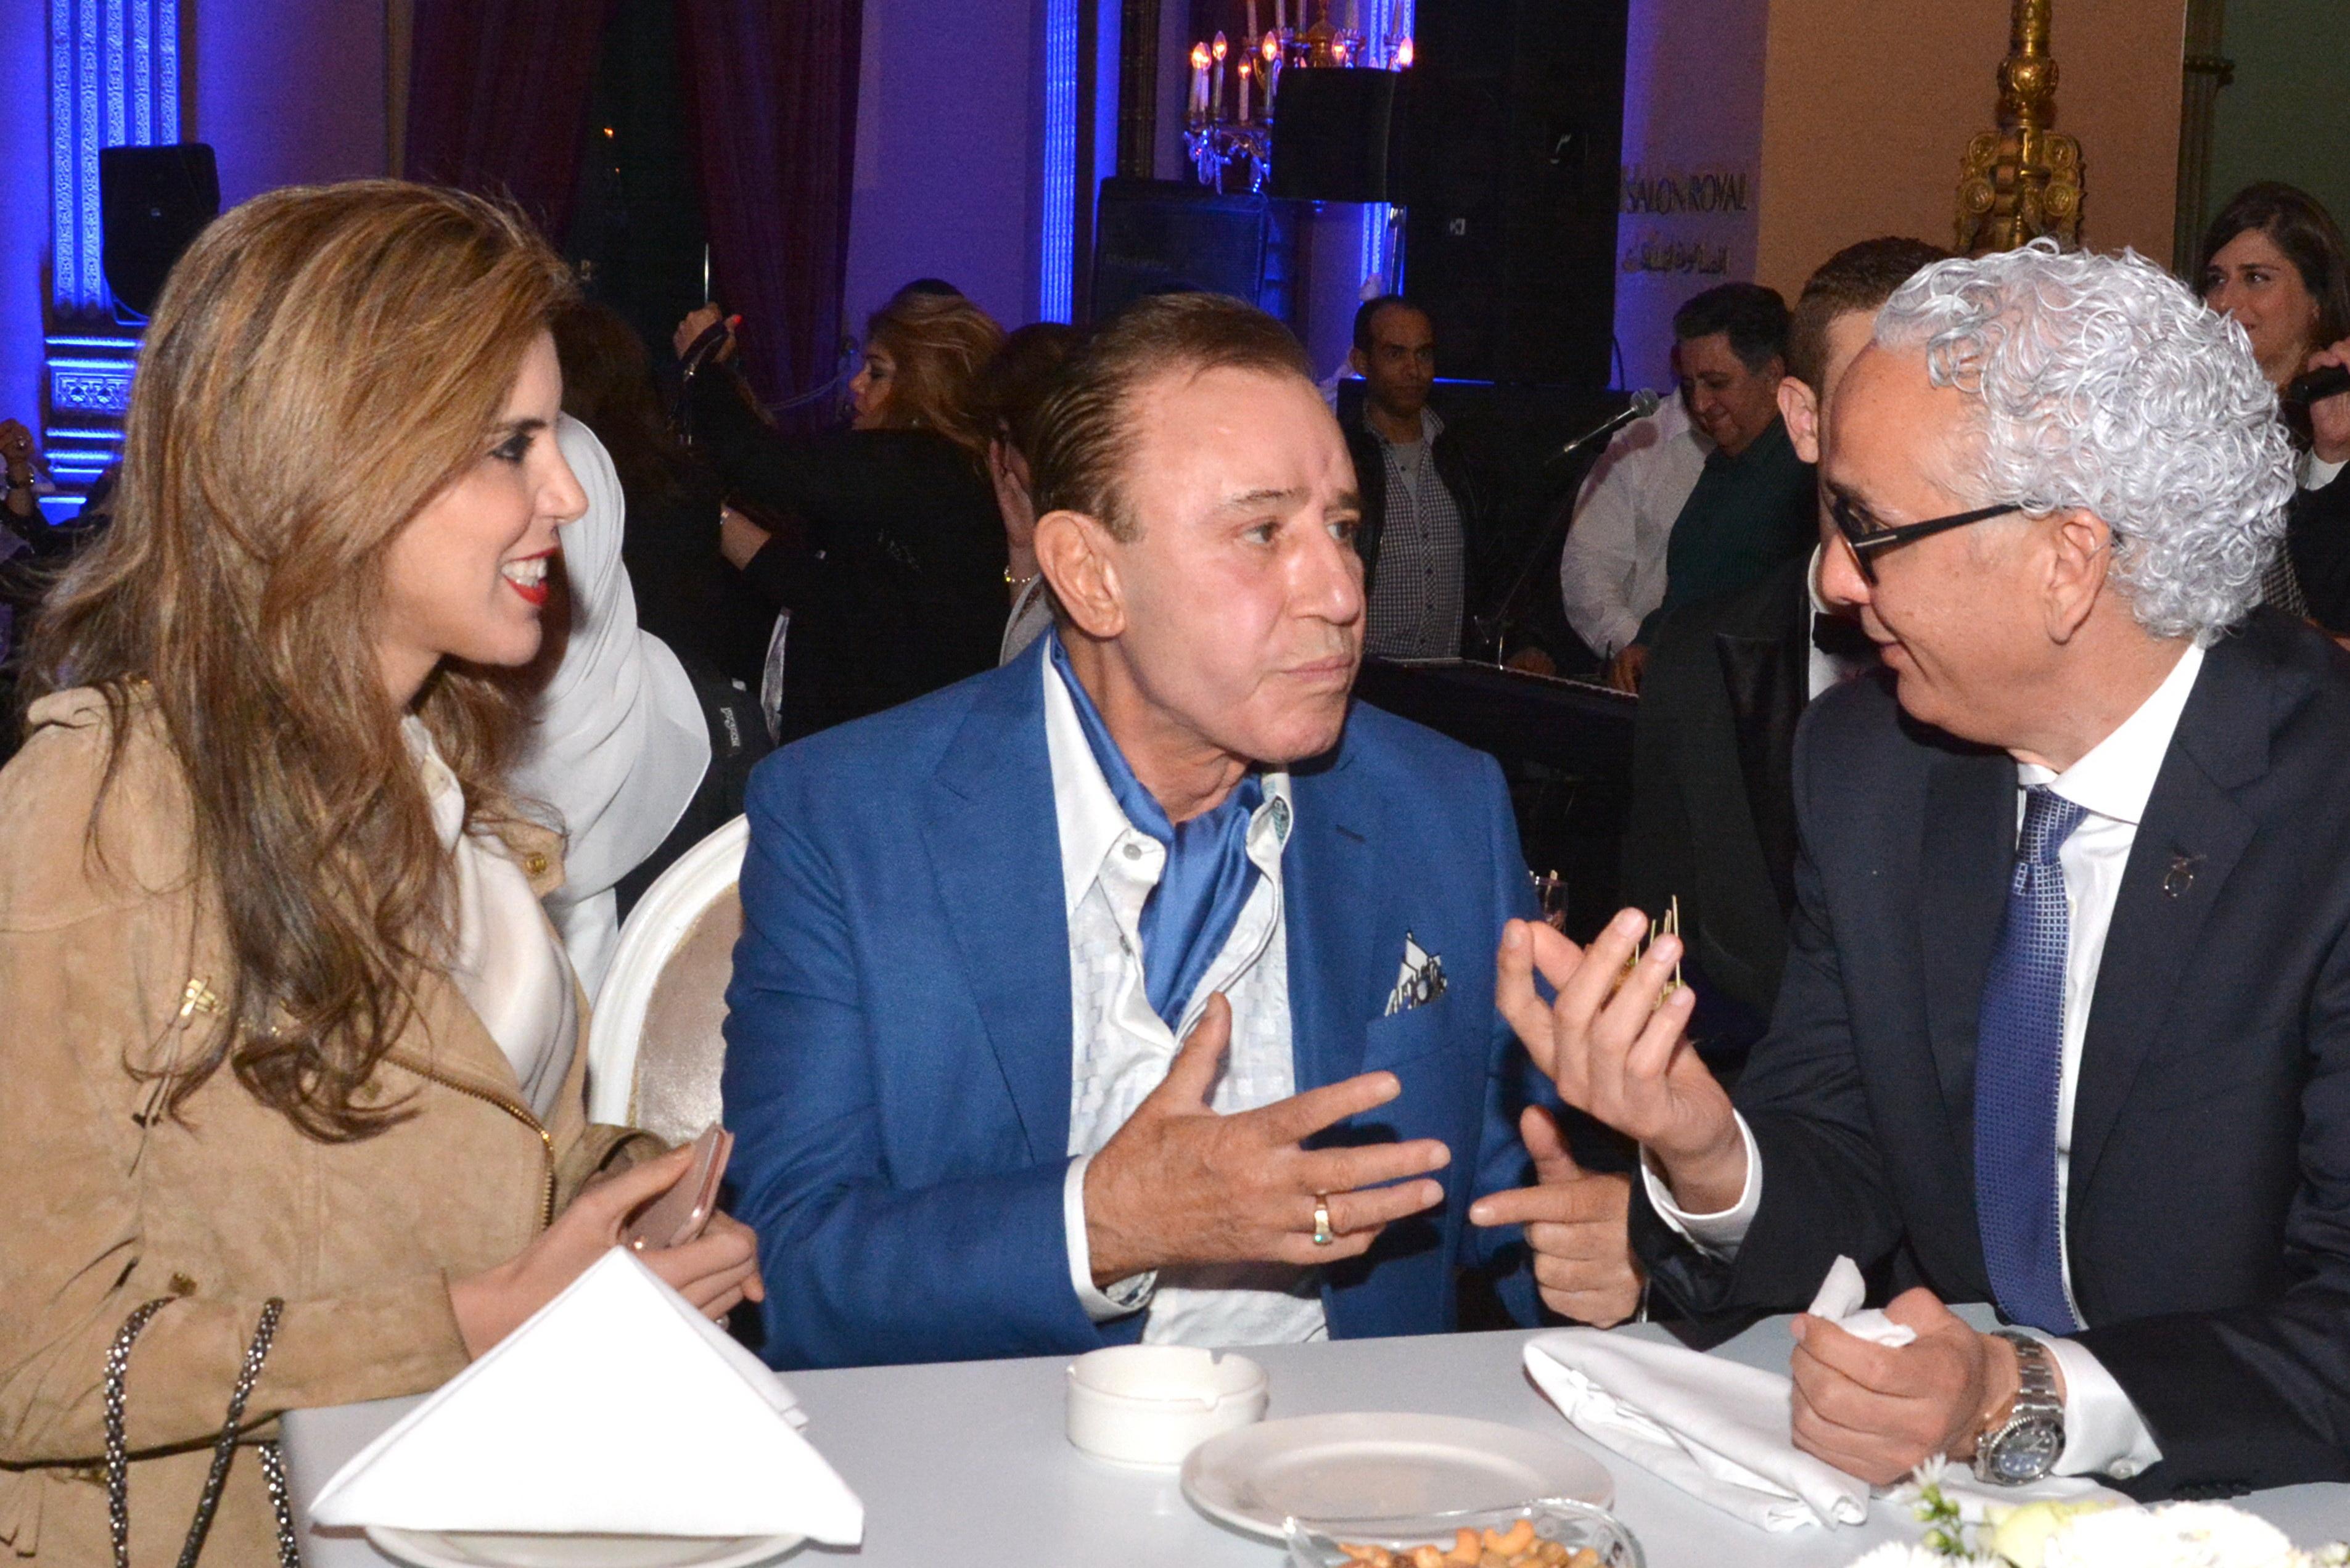 Ms. Yasmine Shihata, Dr. Obagi & Mr. Tarek Shady